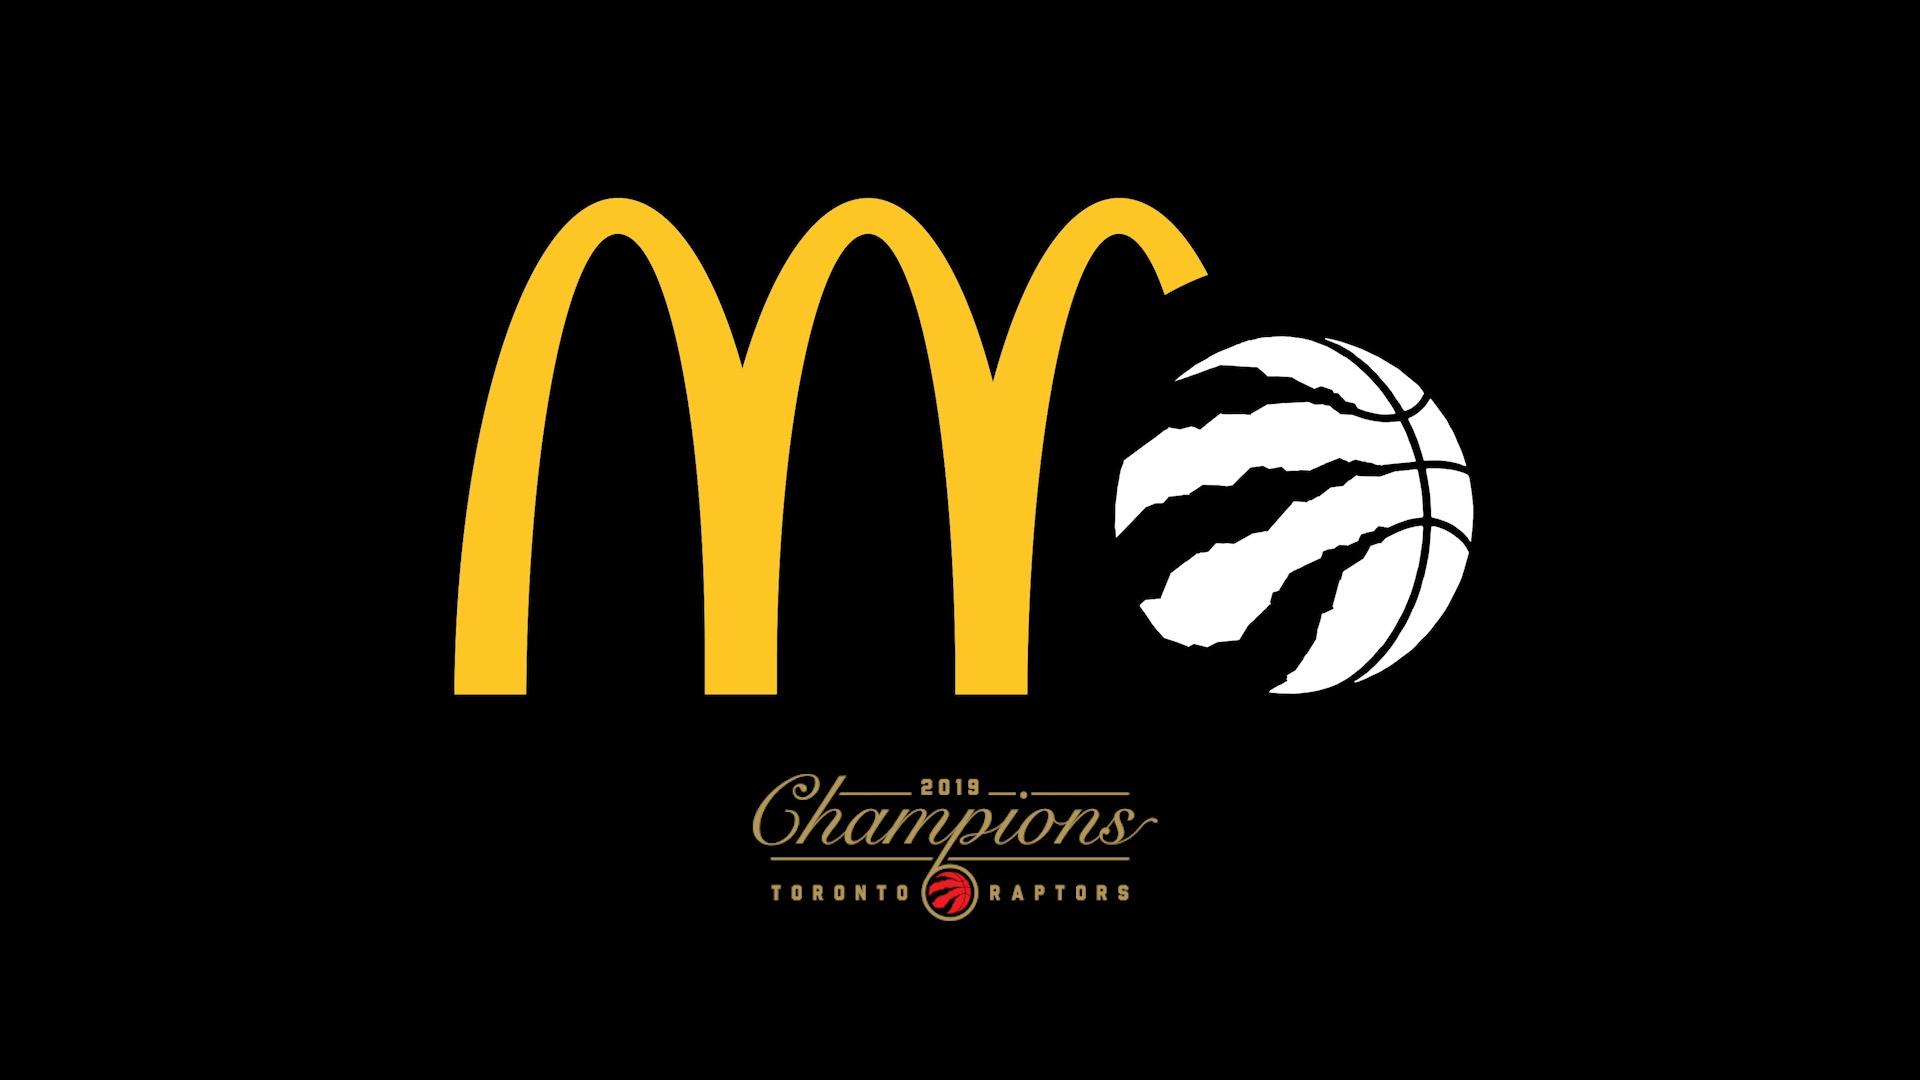 Thumbnail for McDonald's X Raptors Sponsorship